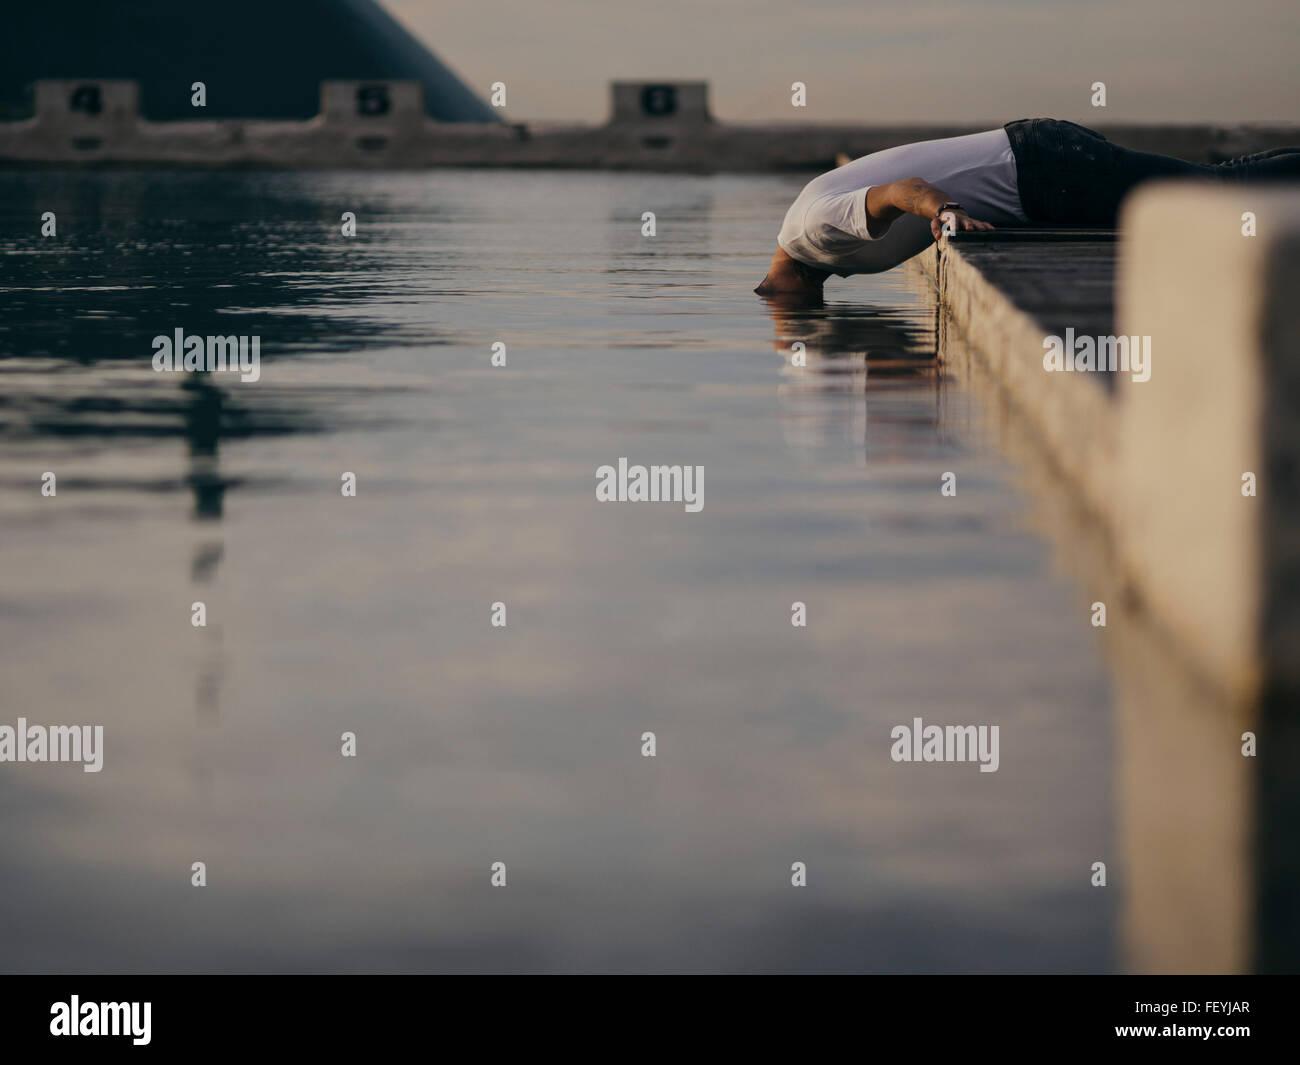 L'homme met sa tête dans l'eau Photo Stock